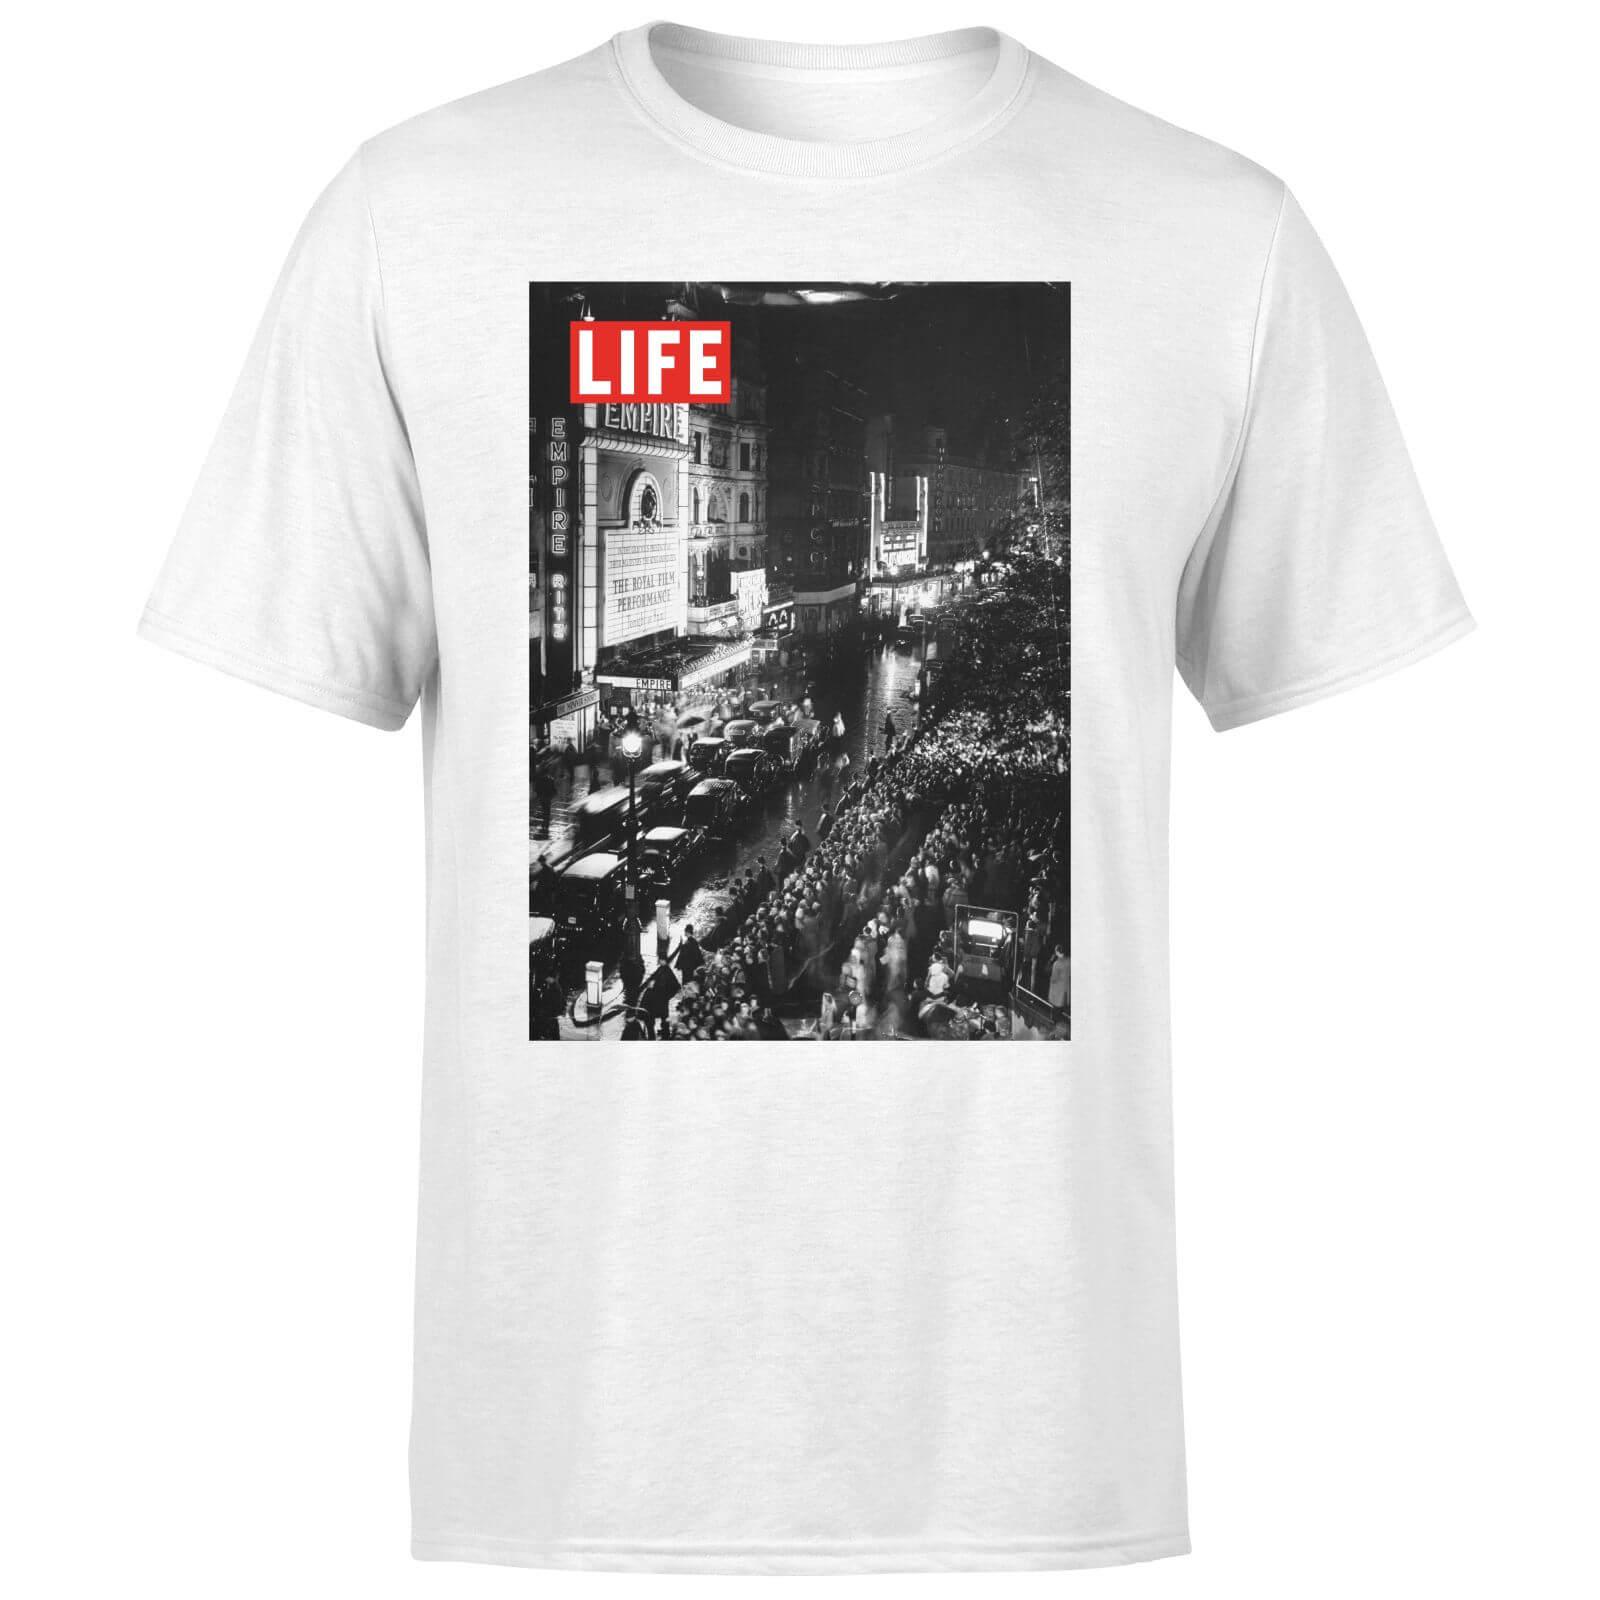 LIFE Magazine City Lights Men's T-Shirt - White - S - White-male